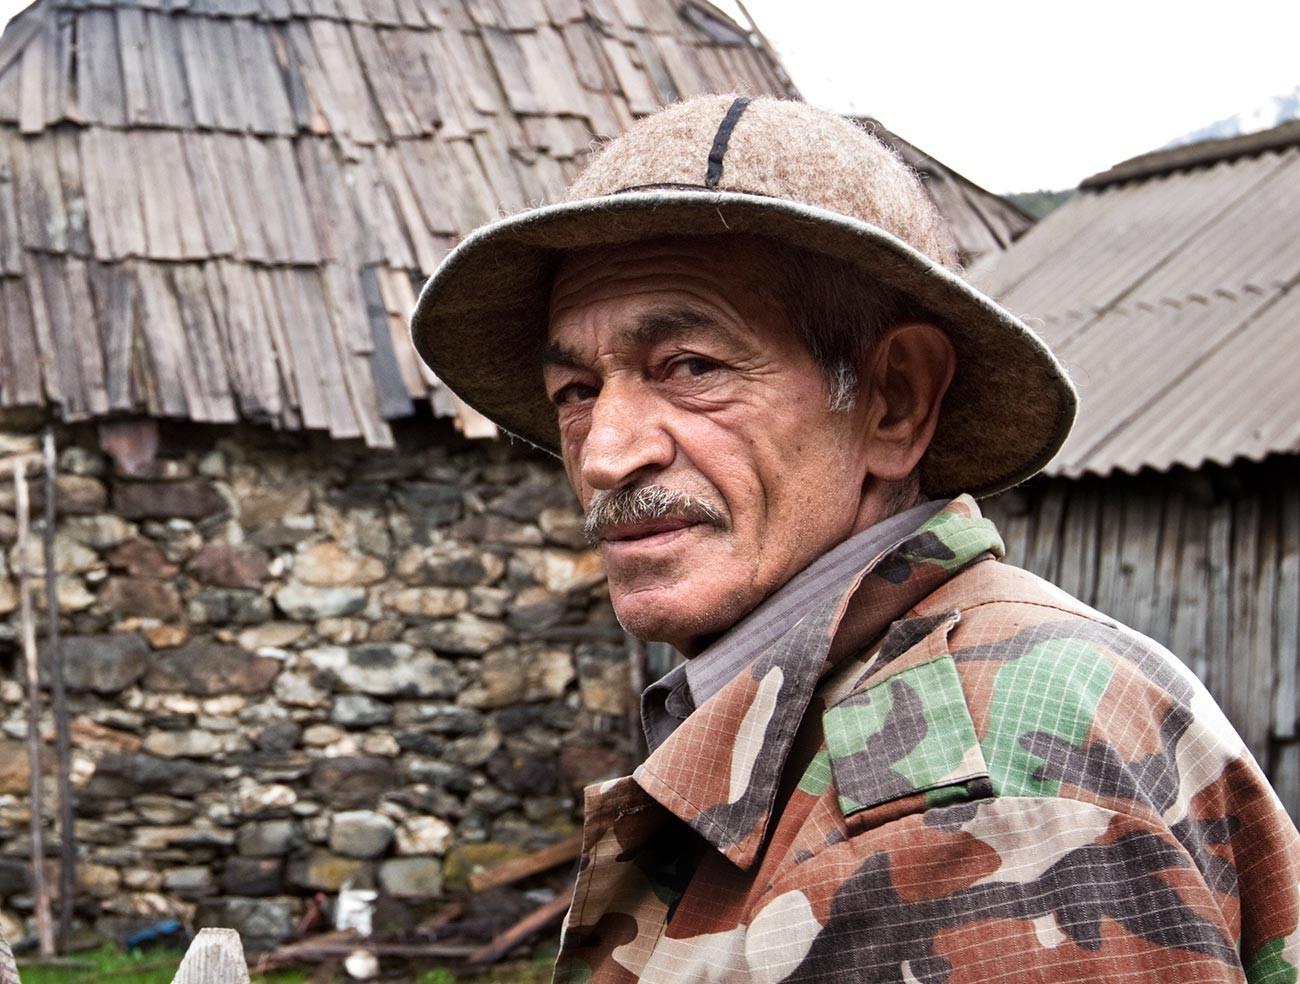 Prebivalec vasi Edis v Dzauski regiji.